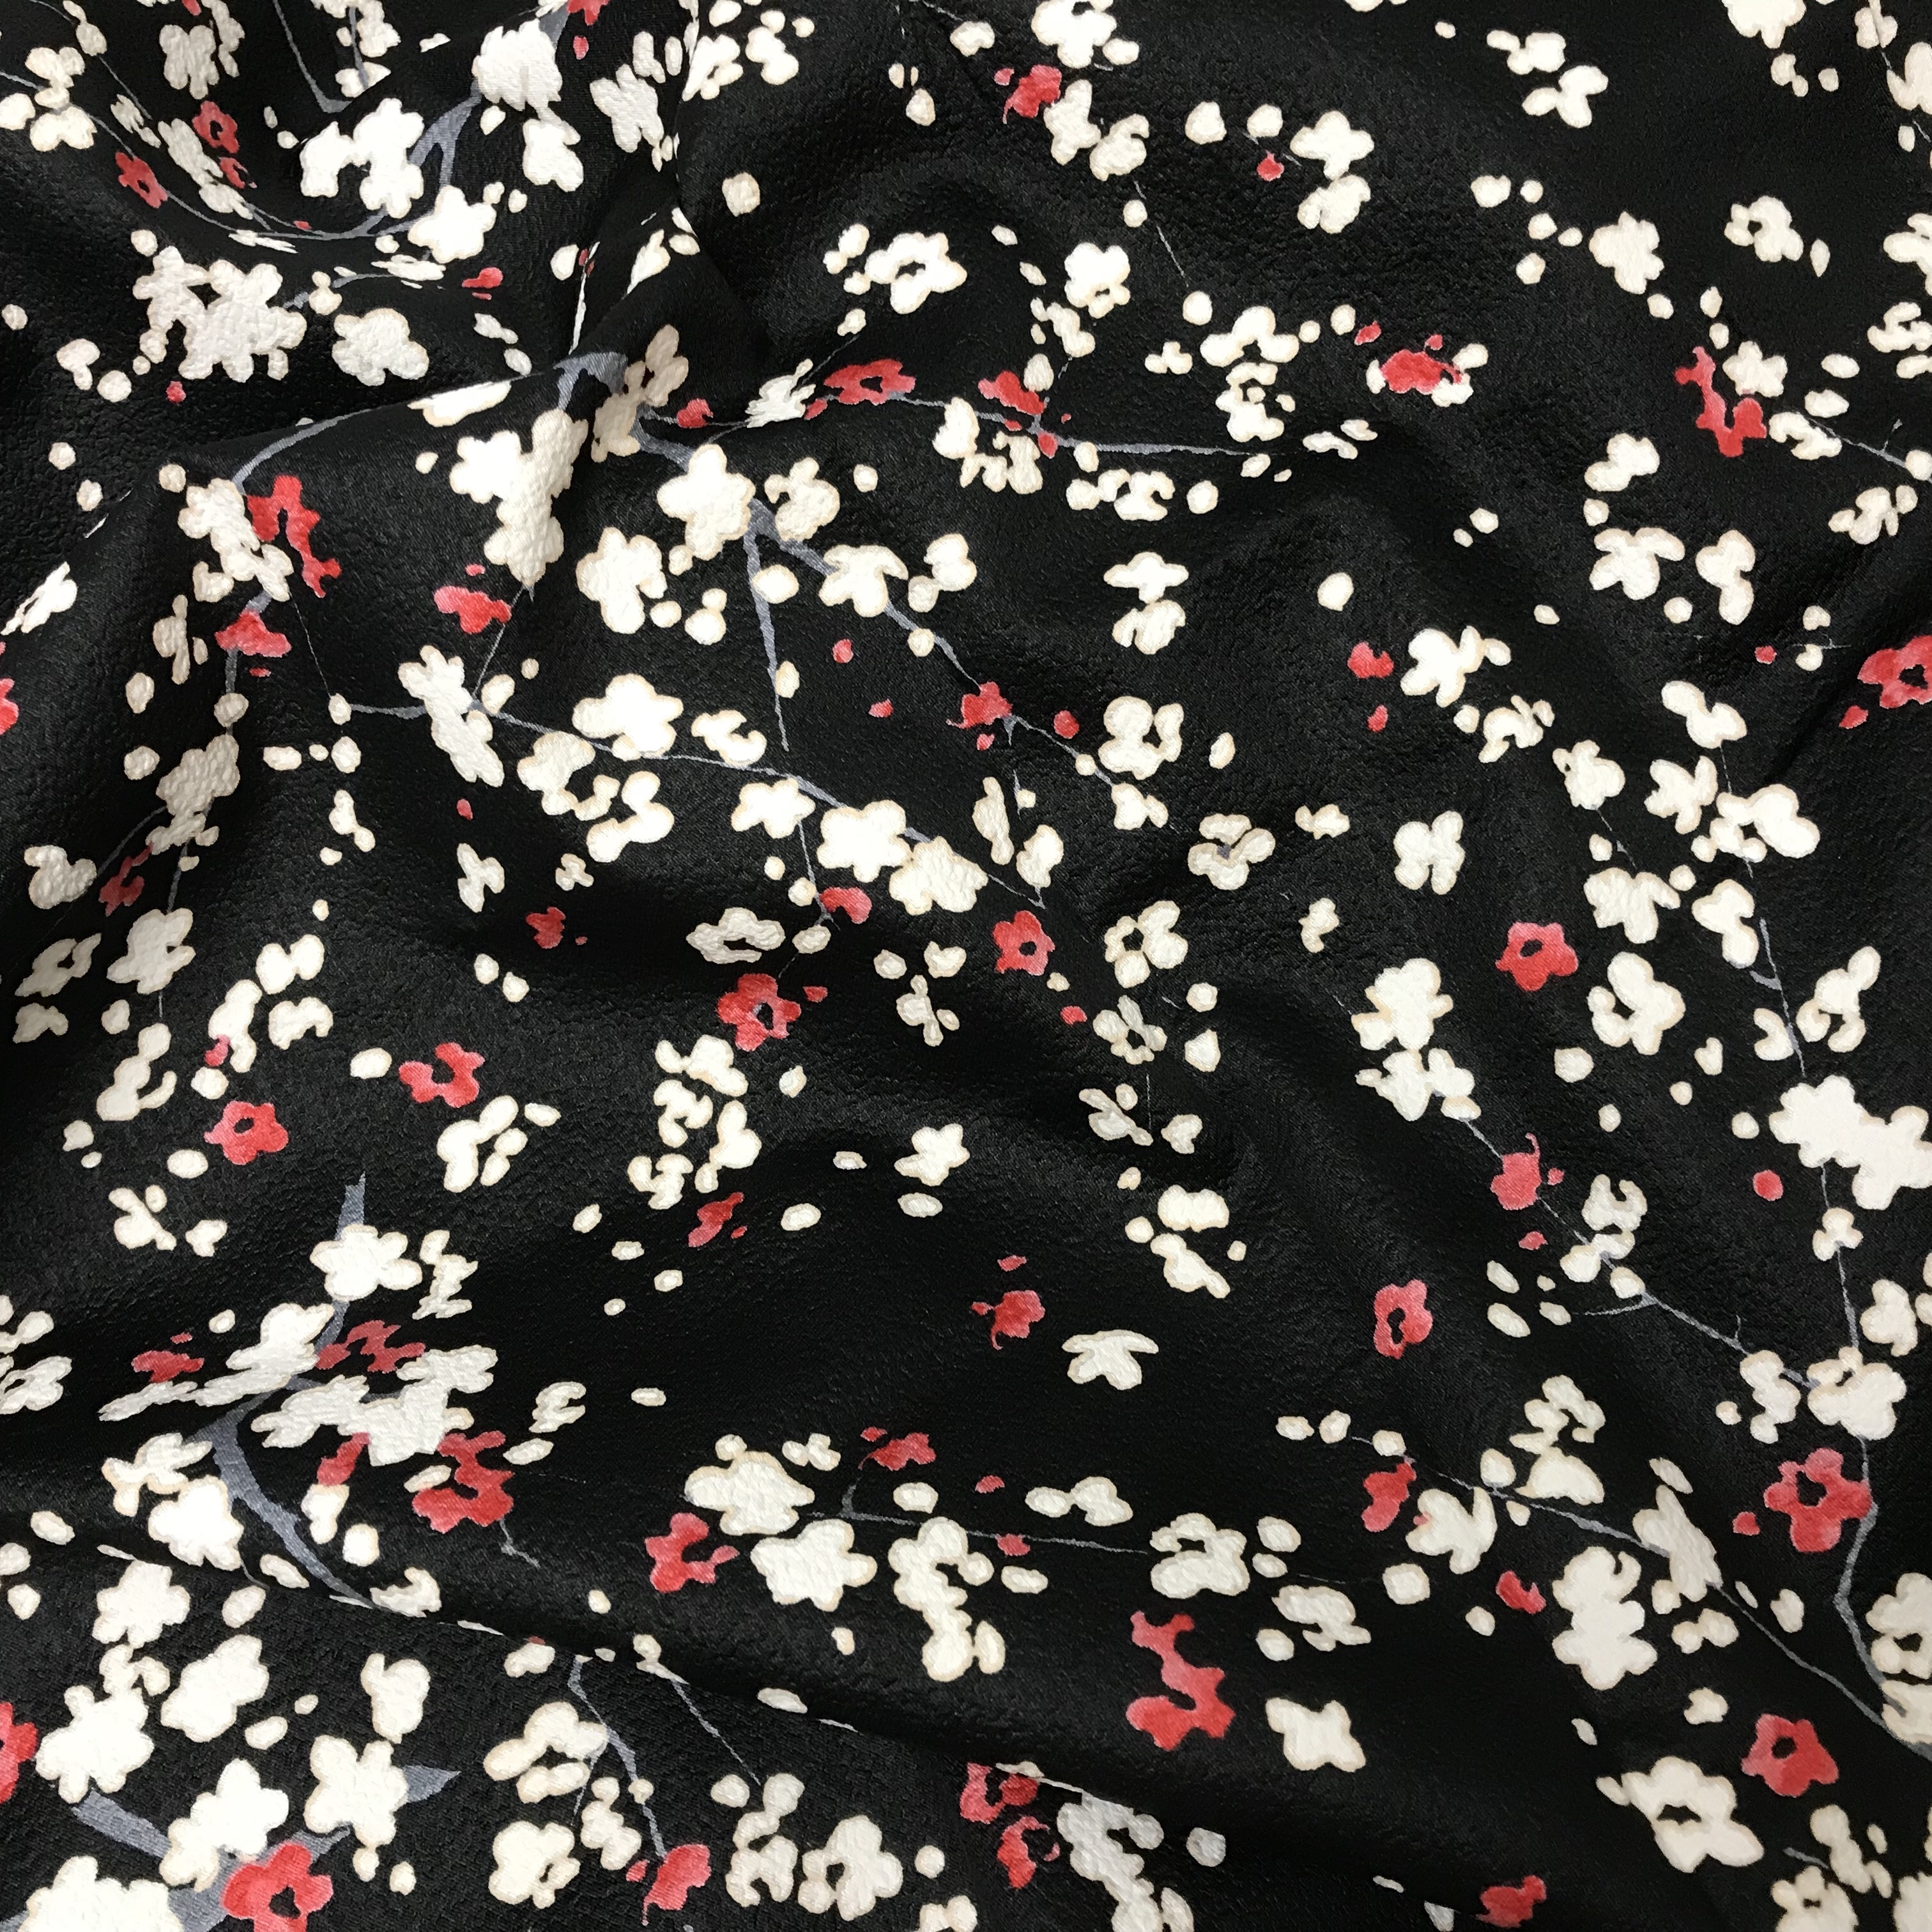 503_Fleurs cerisier rouge et blanc